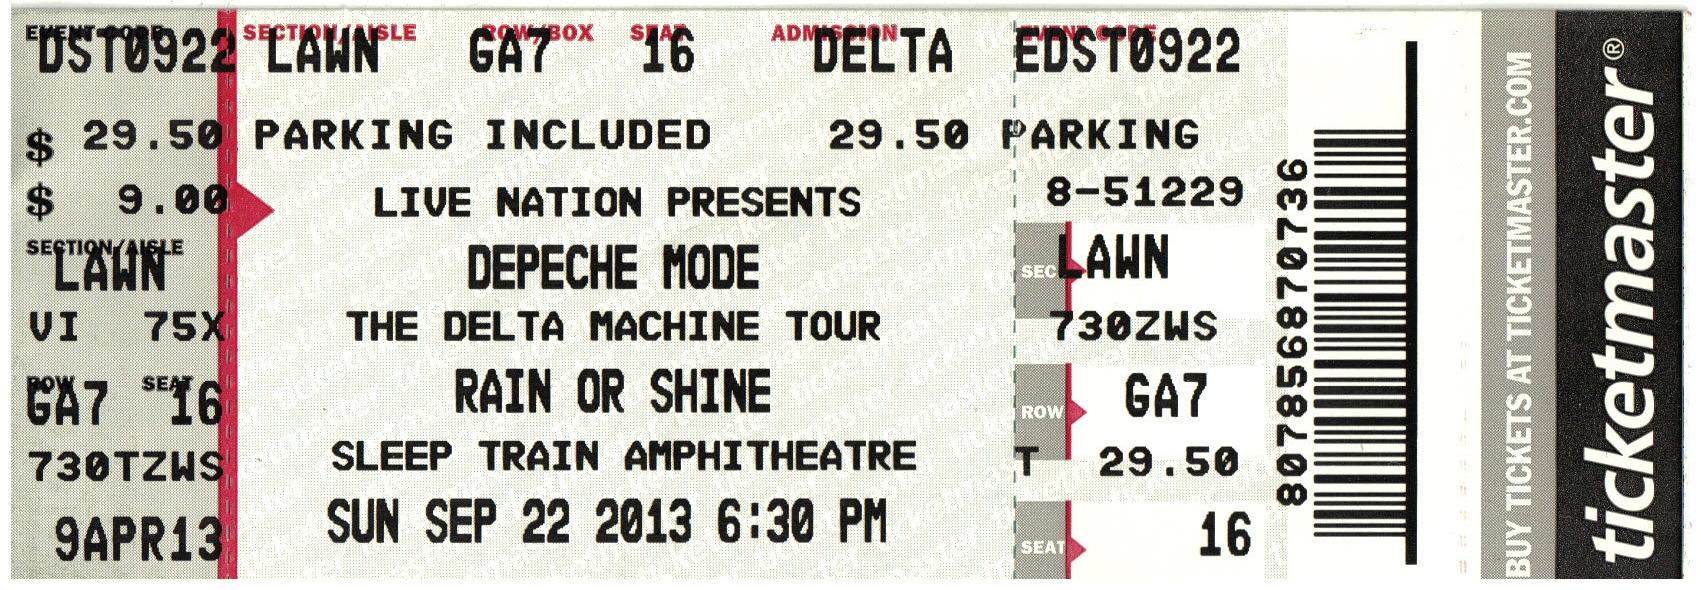 Delta Machine Tour Concert Ticket 2013